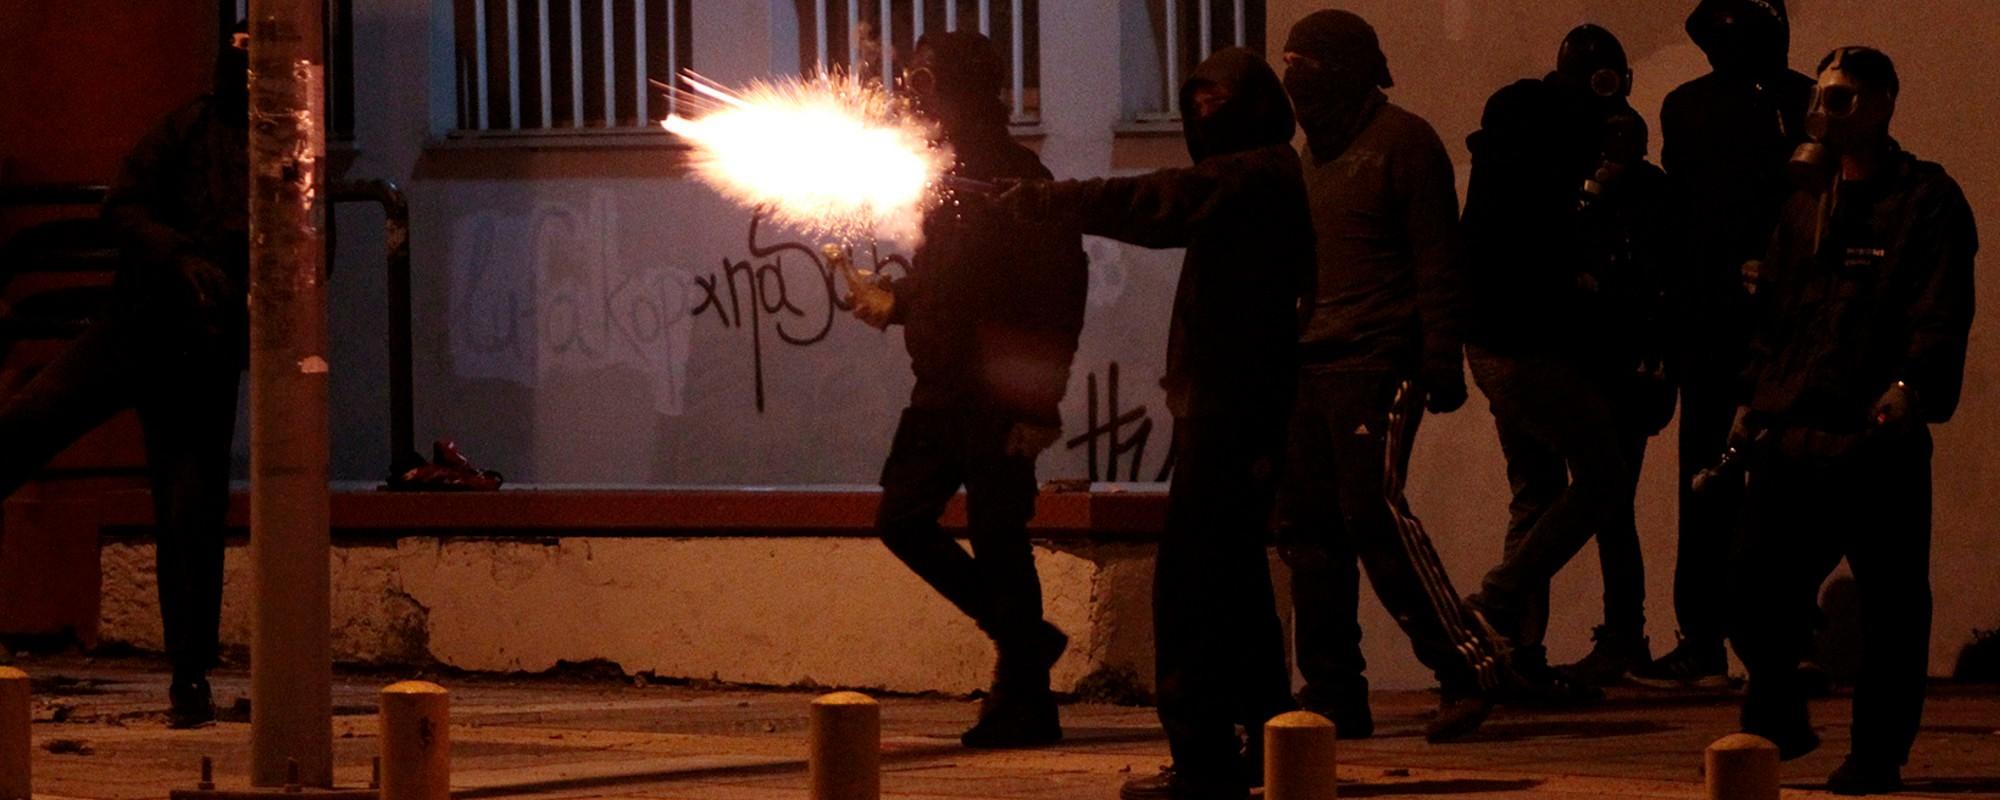 Όσα Έγιναν στην Επέτειο της Δολοφονίας του Αλέξη Γρηγορόπουλου σε Αθήνα και Θεσσαλονίκη